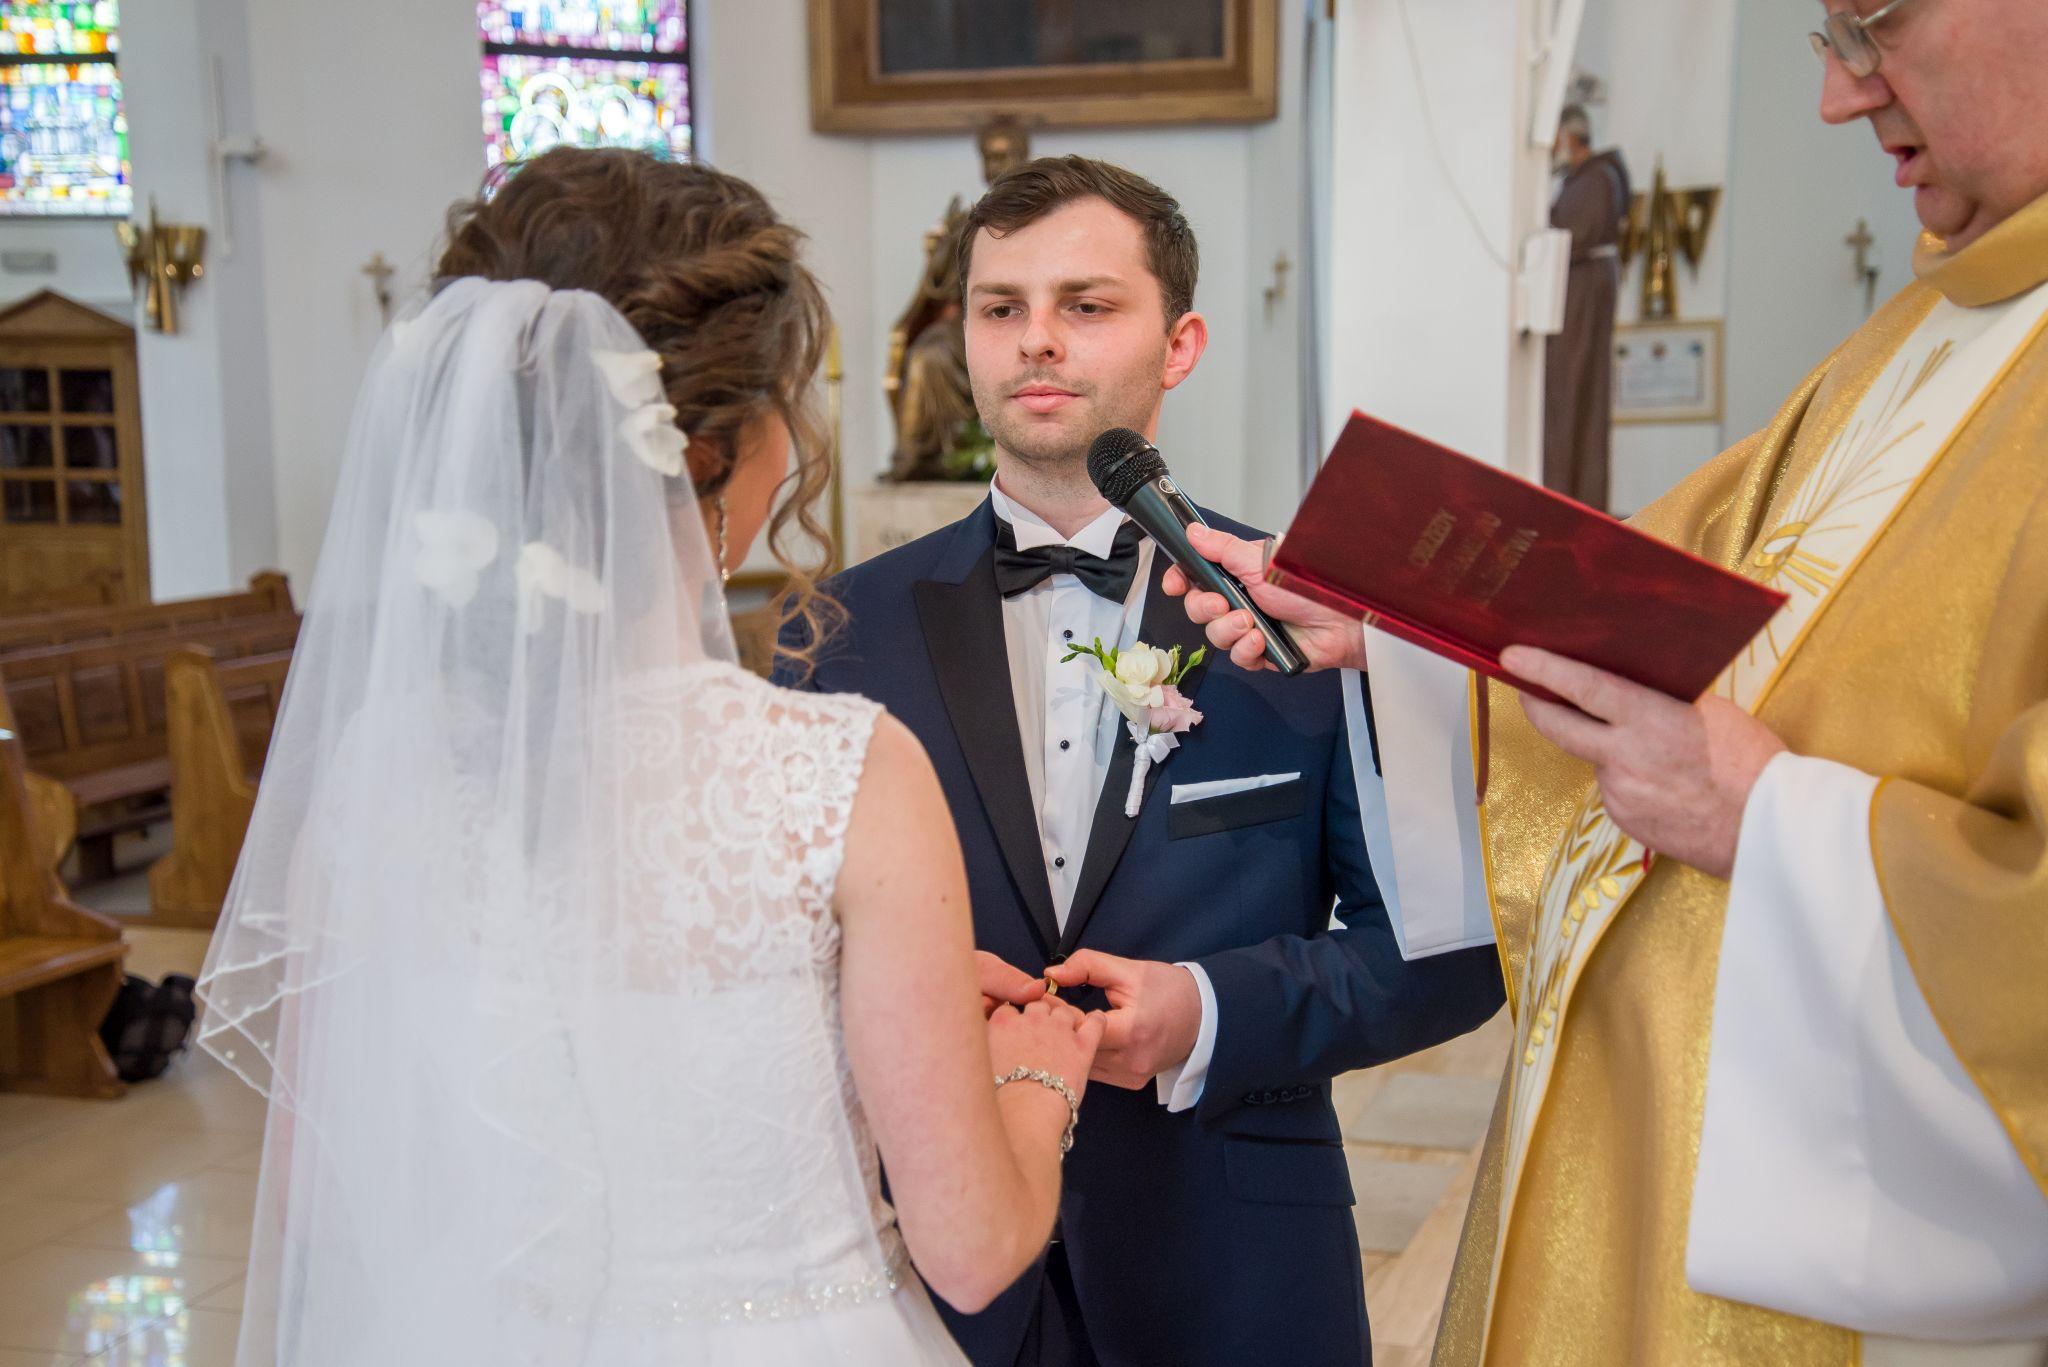 przysięga małżeńska zdjęcia z kościoła